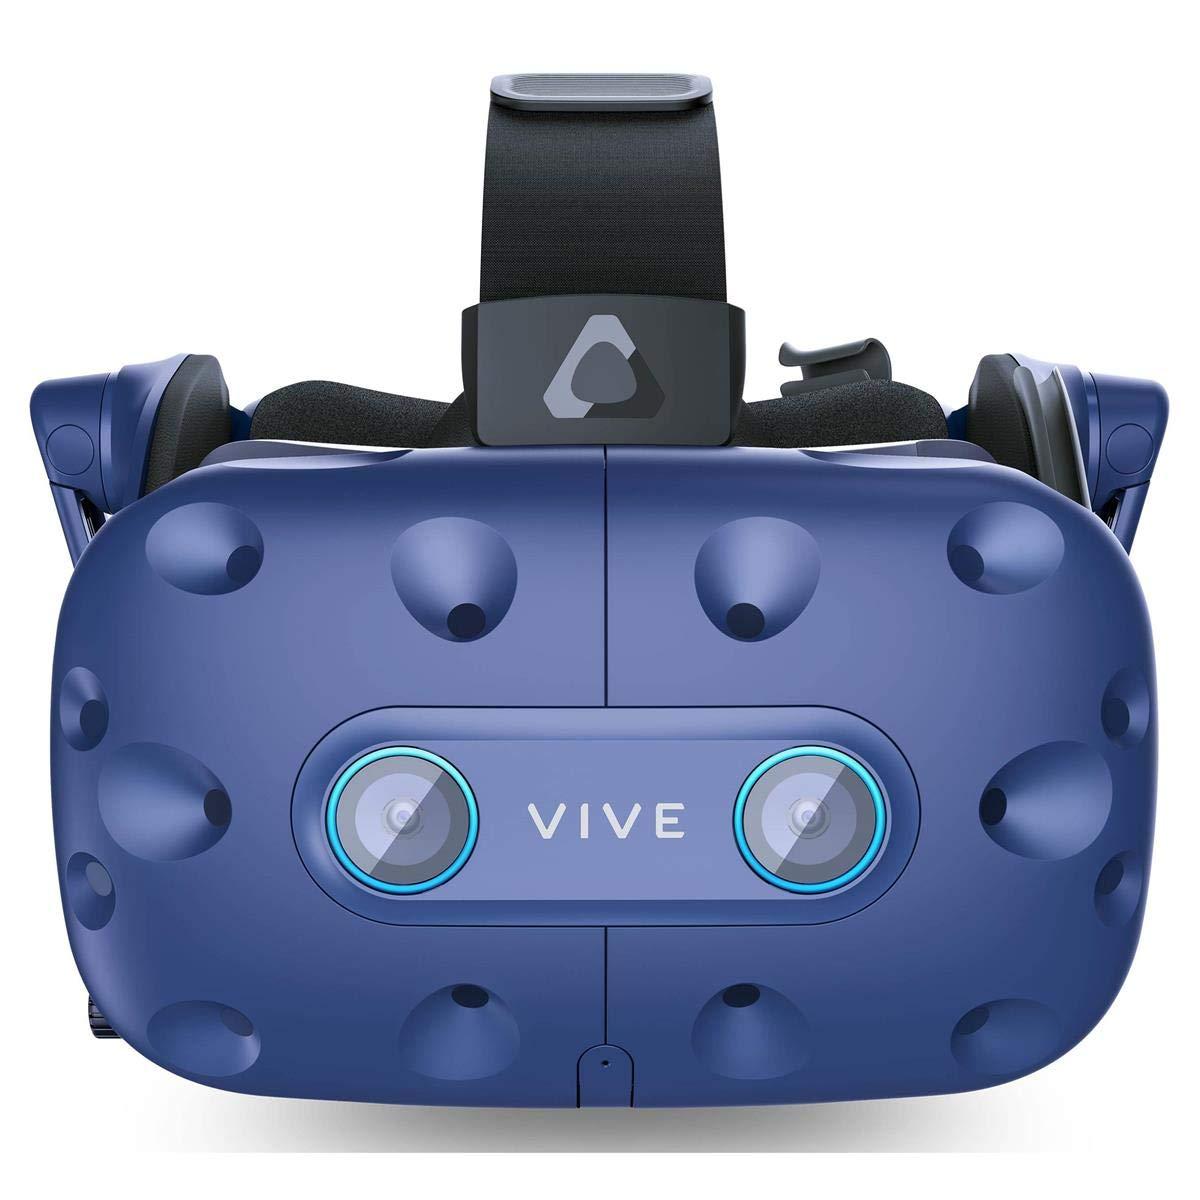 HTC Vive Pro Eye Virtual Reality Headset Only